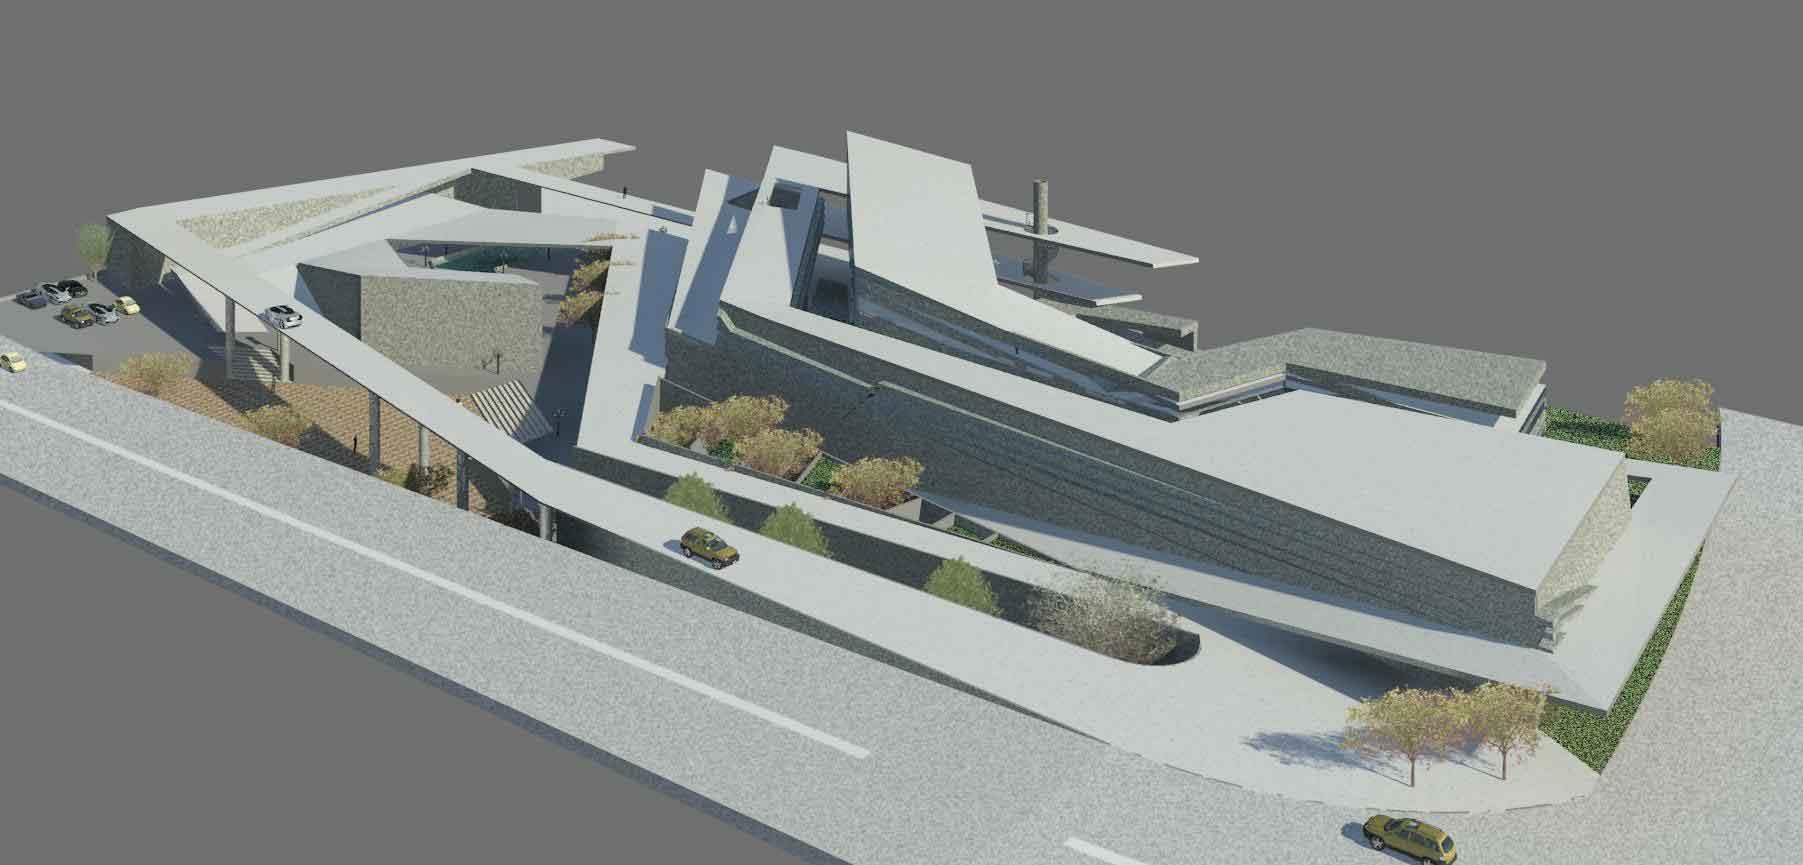 دانلود پروژه معماری موزه هنر